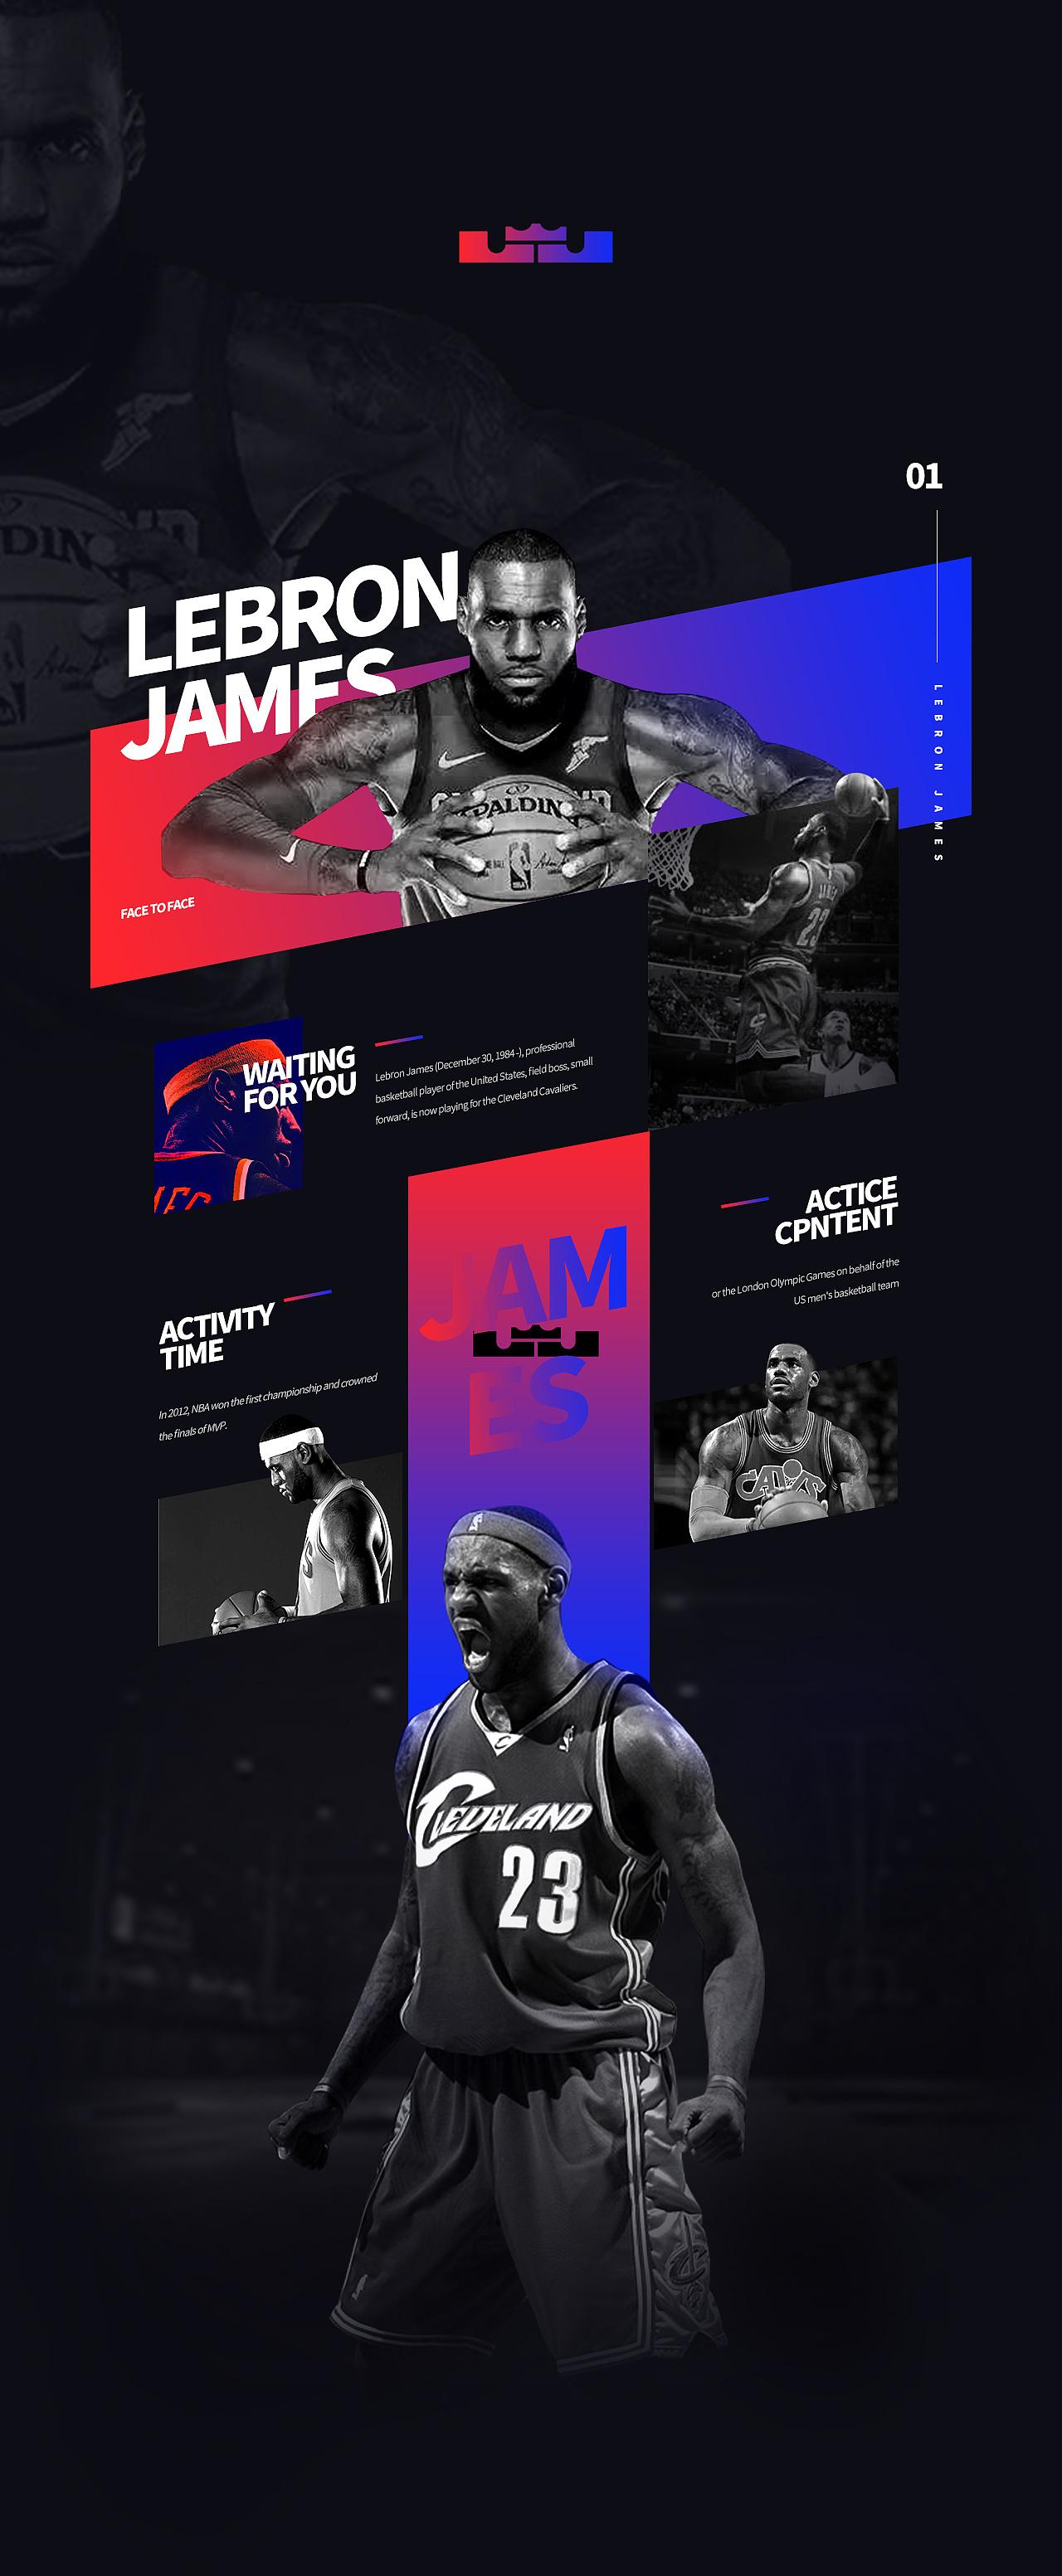 网页排版 游戏 部分排版 文字排版 nba体育詹姆斯